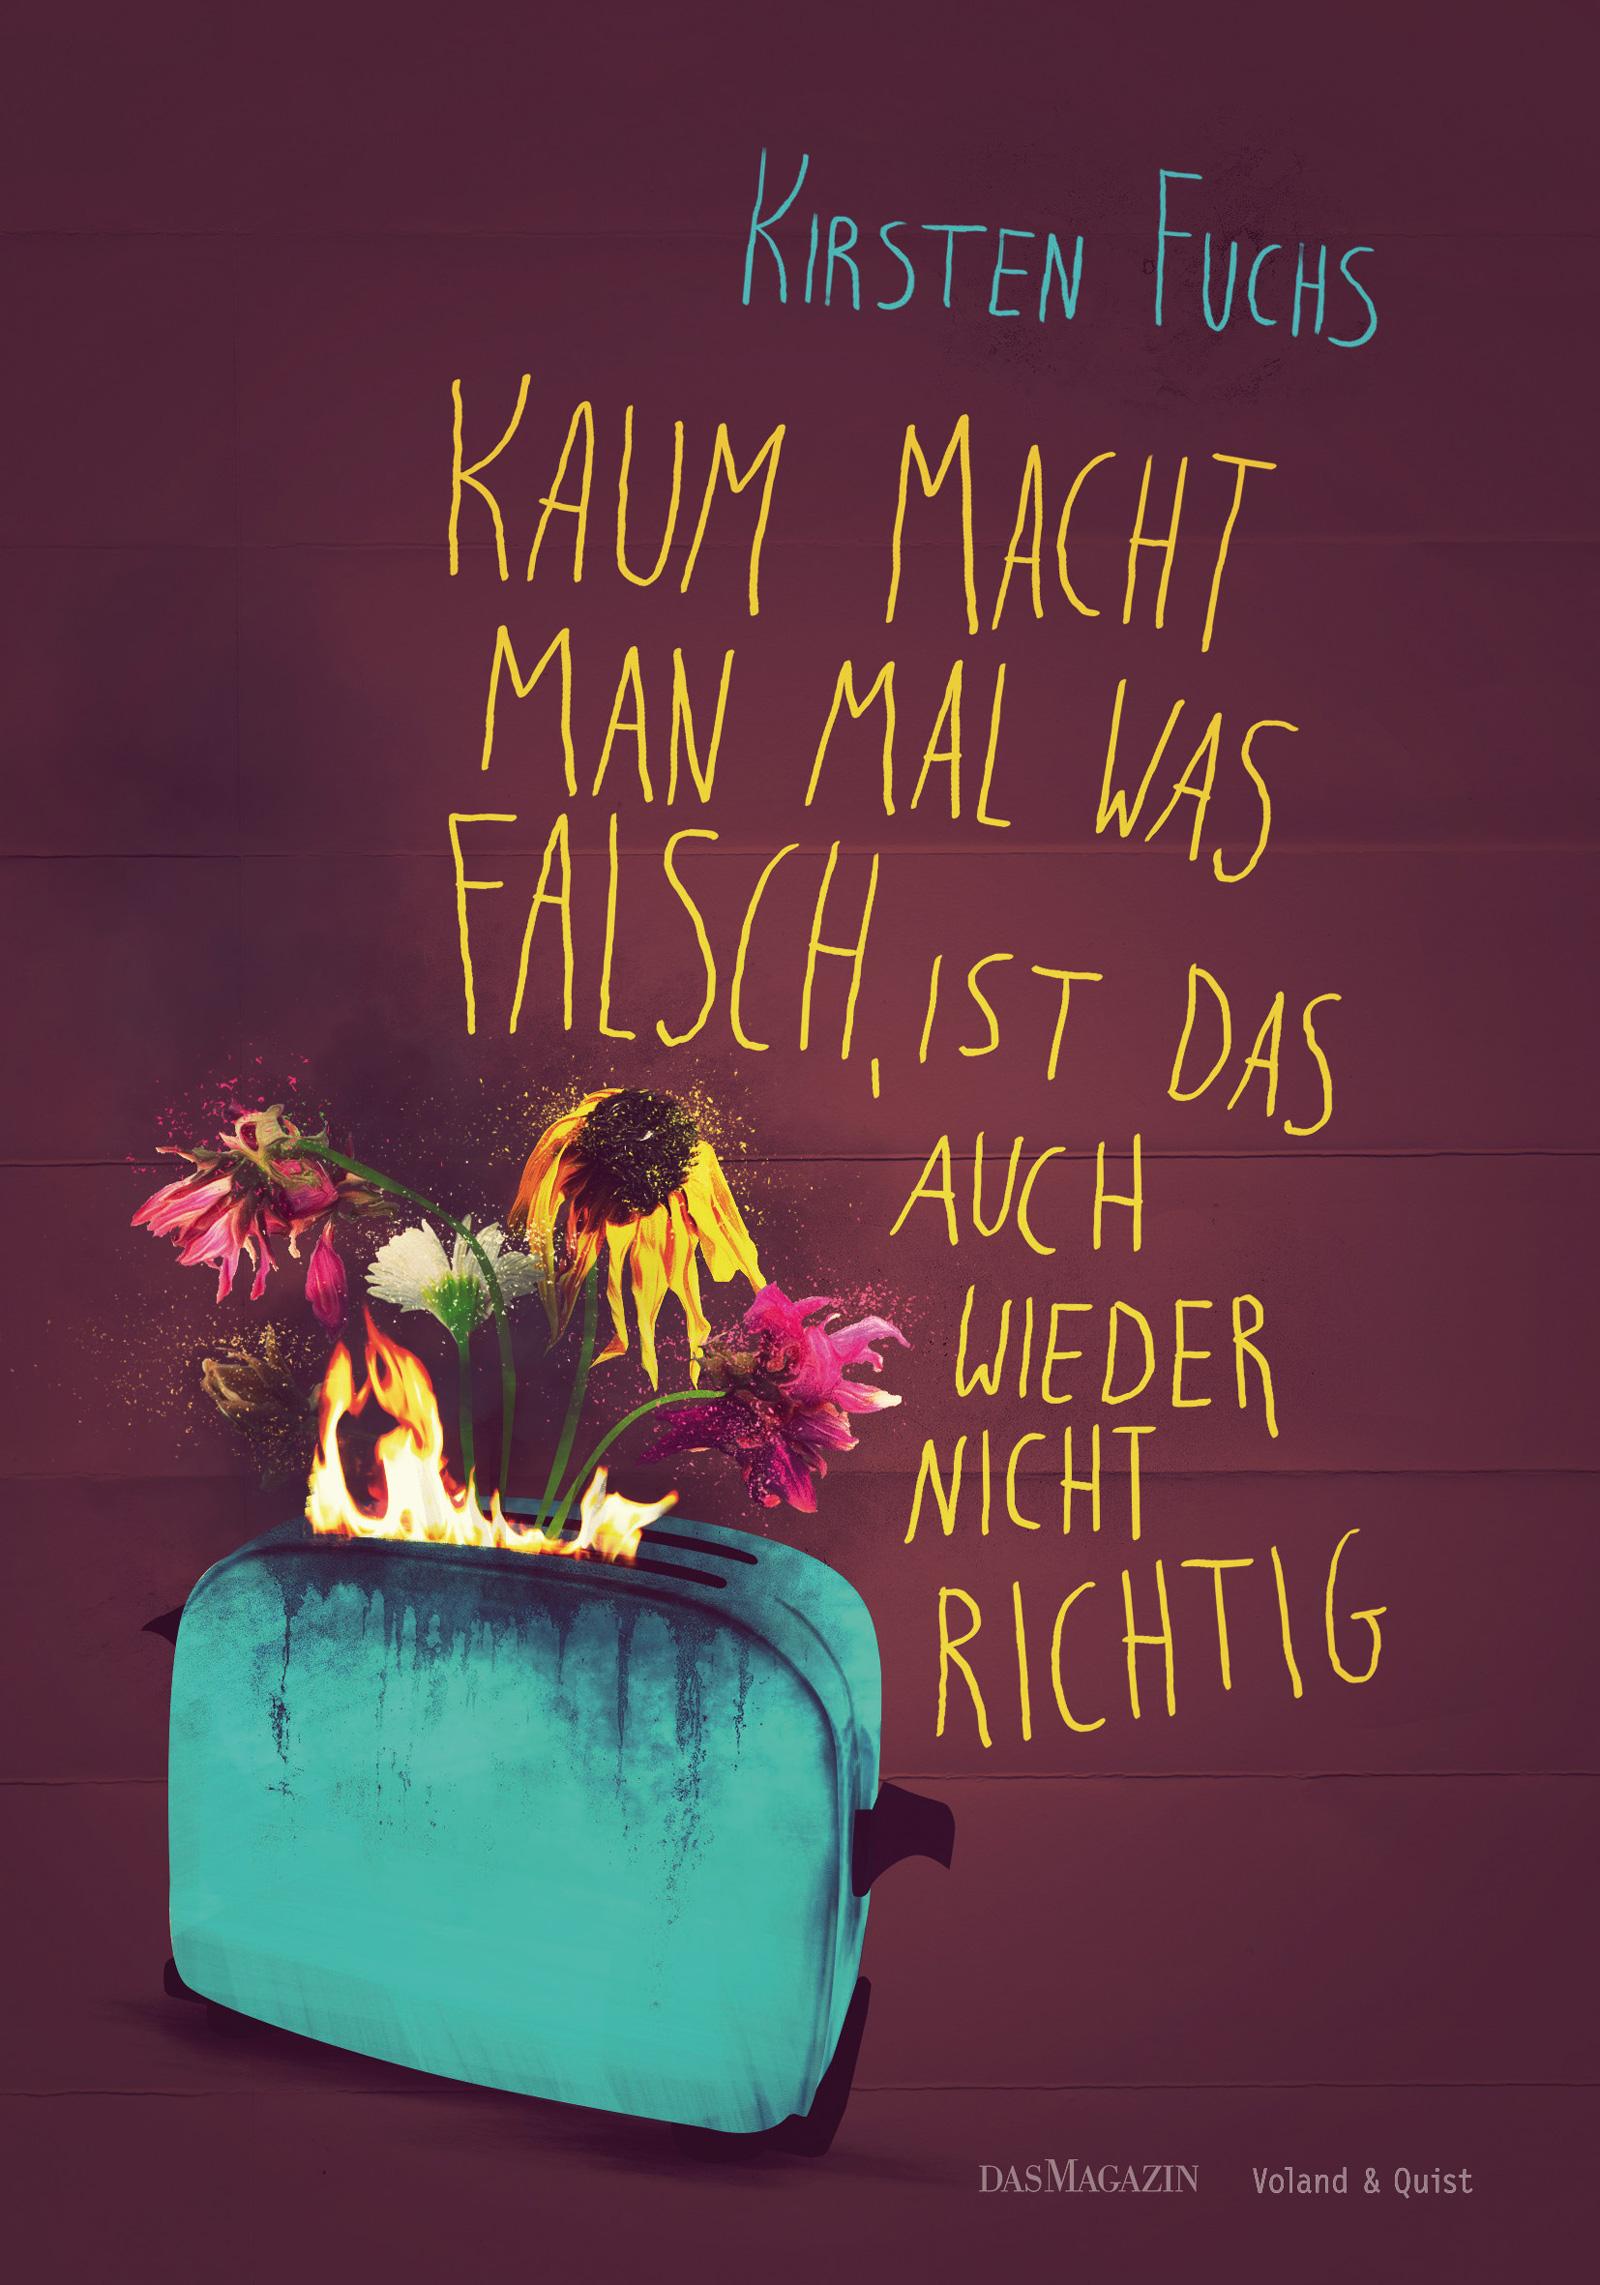 Kirsten Fuchs Kaum macht man mal was falsch, ist das auch wieder nicht richtig. er ist wieder da